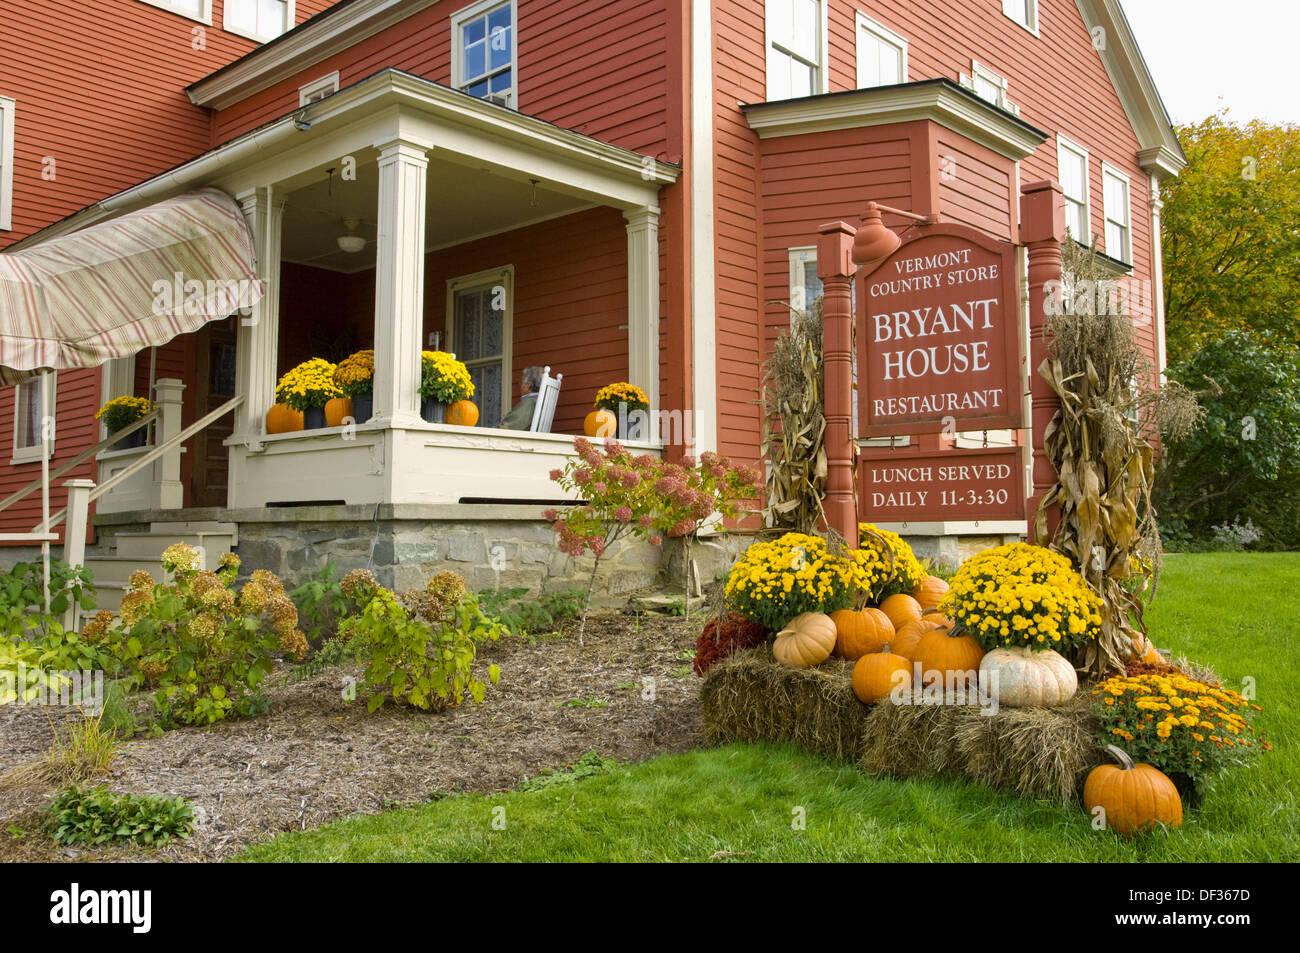 Le Vermont Country store à Weston, Vermont, Etats-Unis Banque D'Images